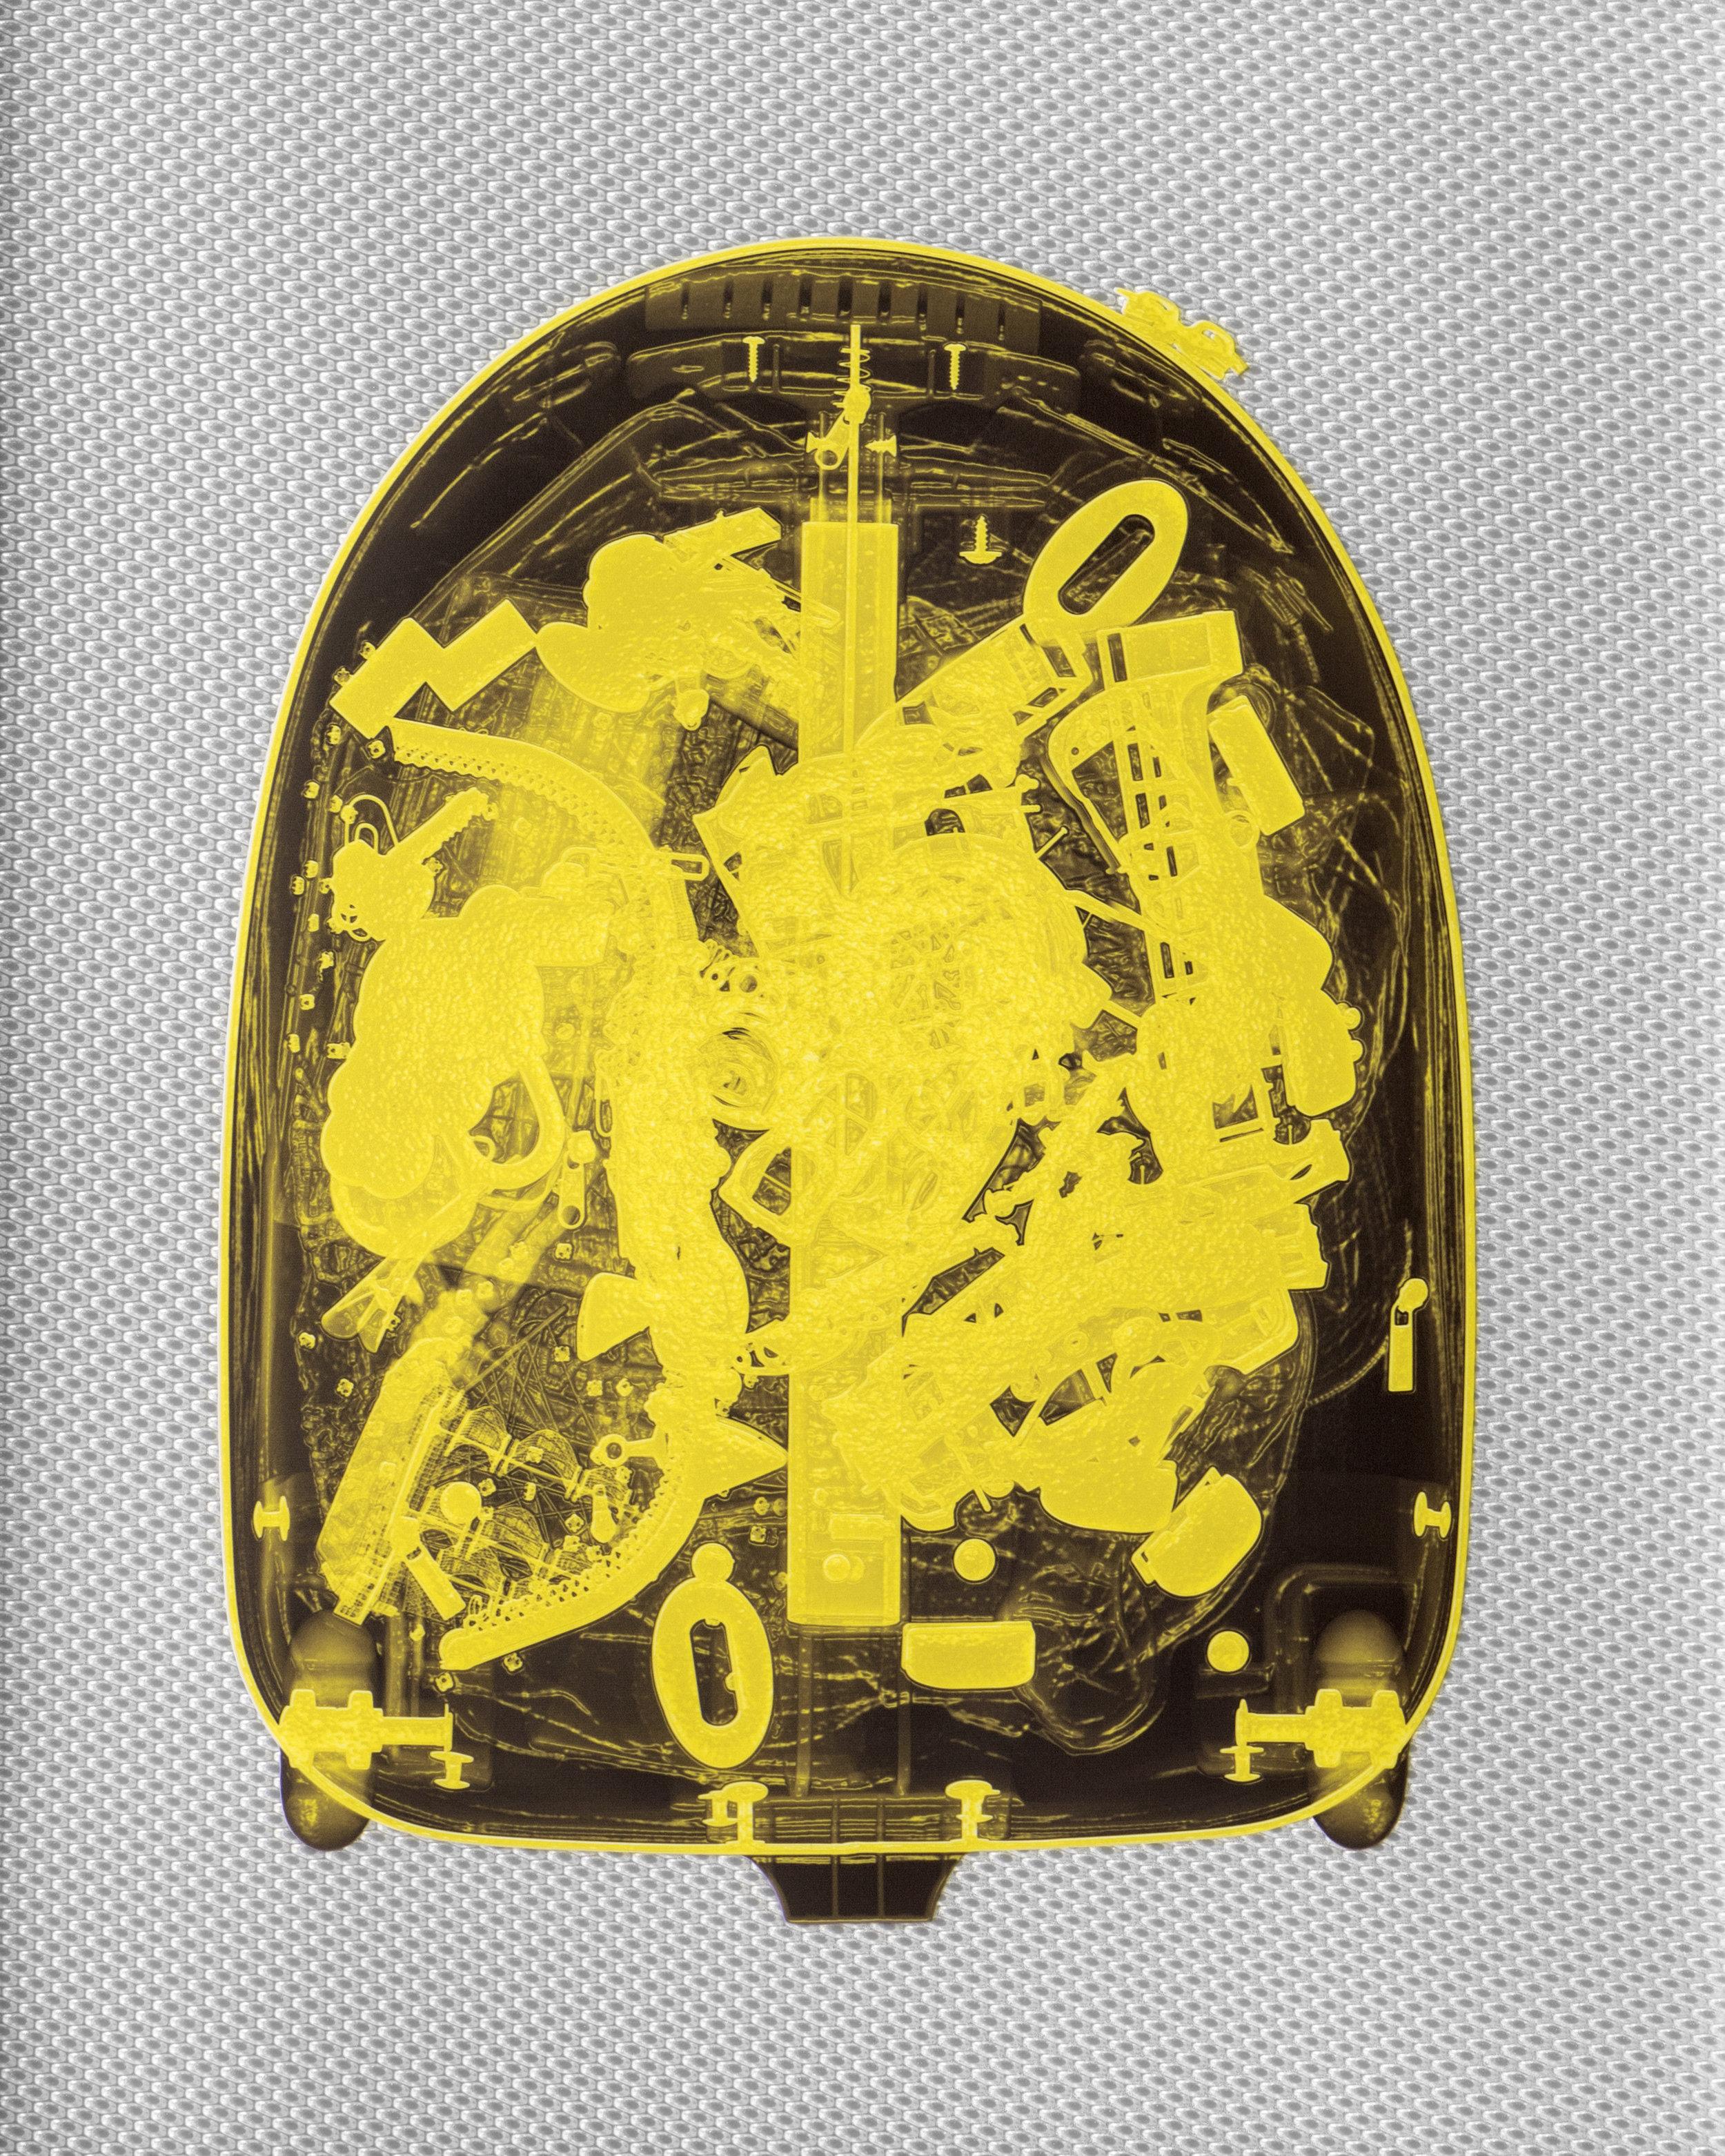 Yellow Luggage